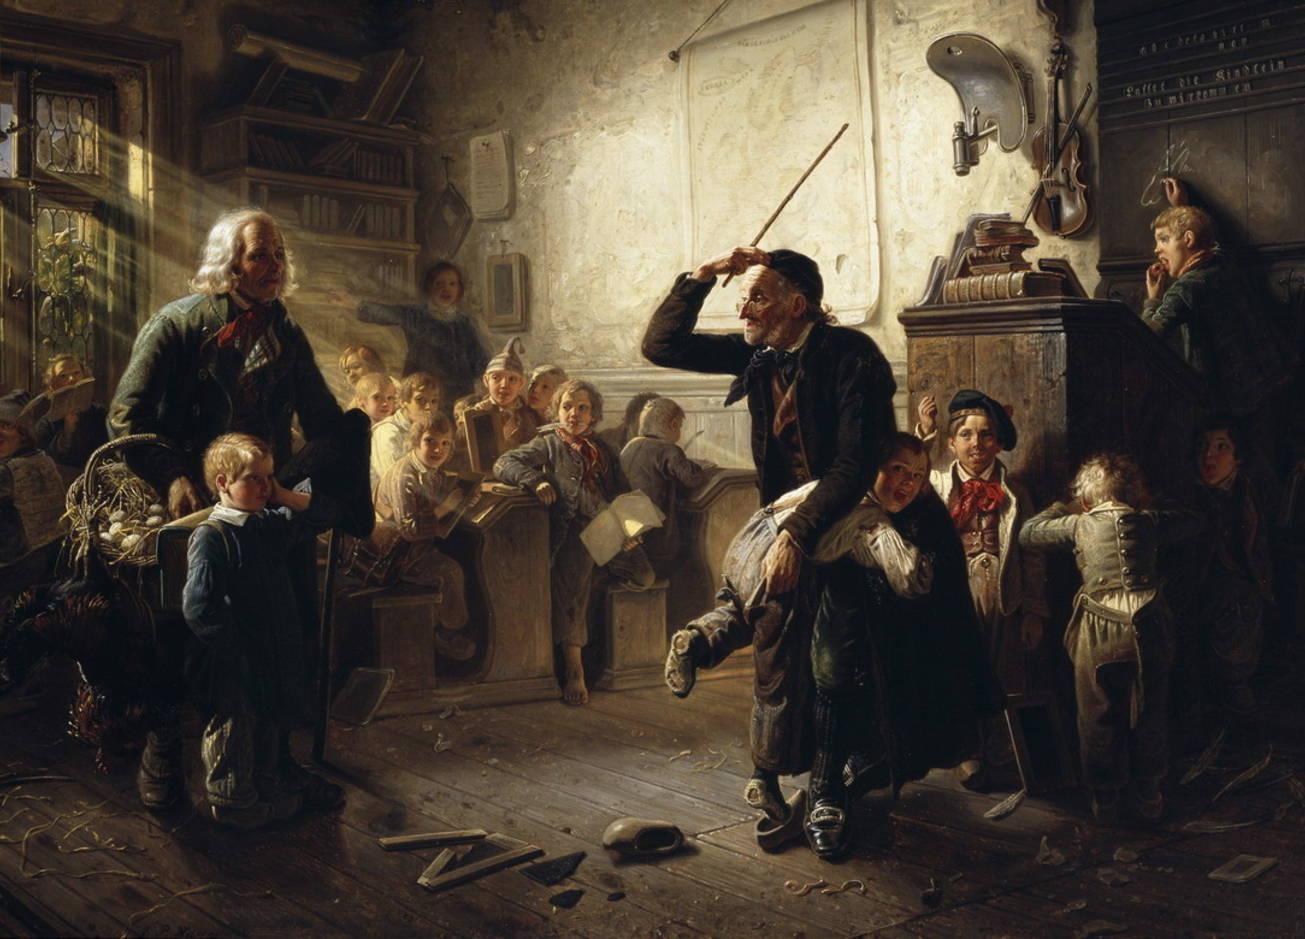 Мальчики для битья и Ко: 5 странных профессий прошлого